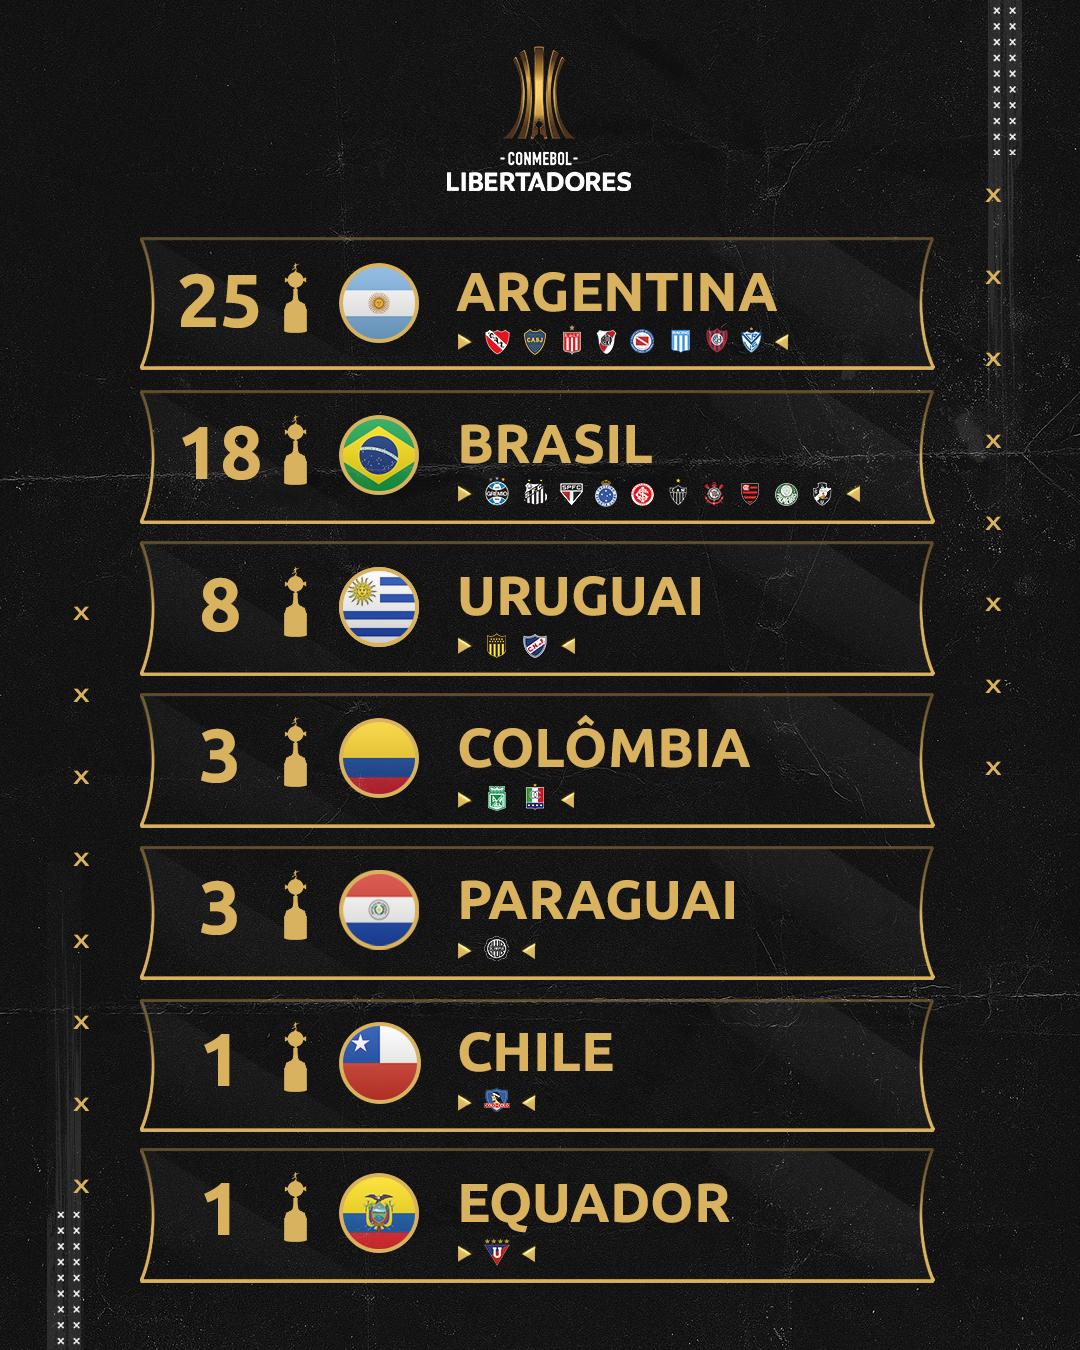 Campeões Libertadores - lista por países